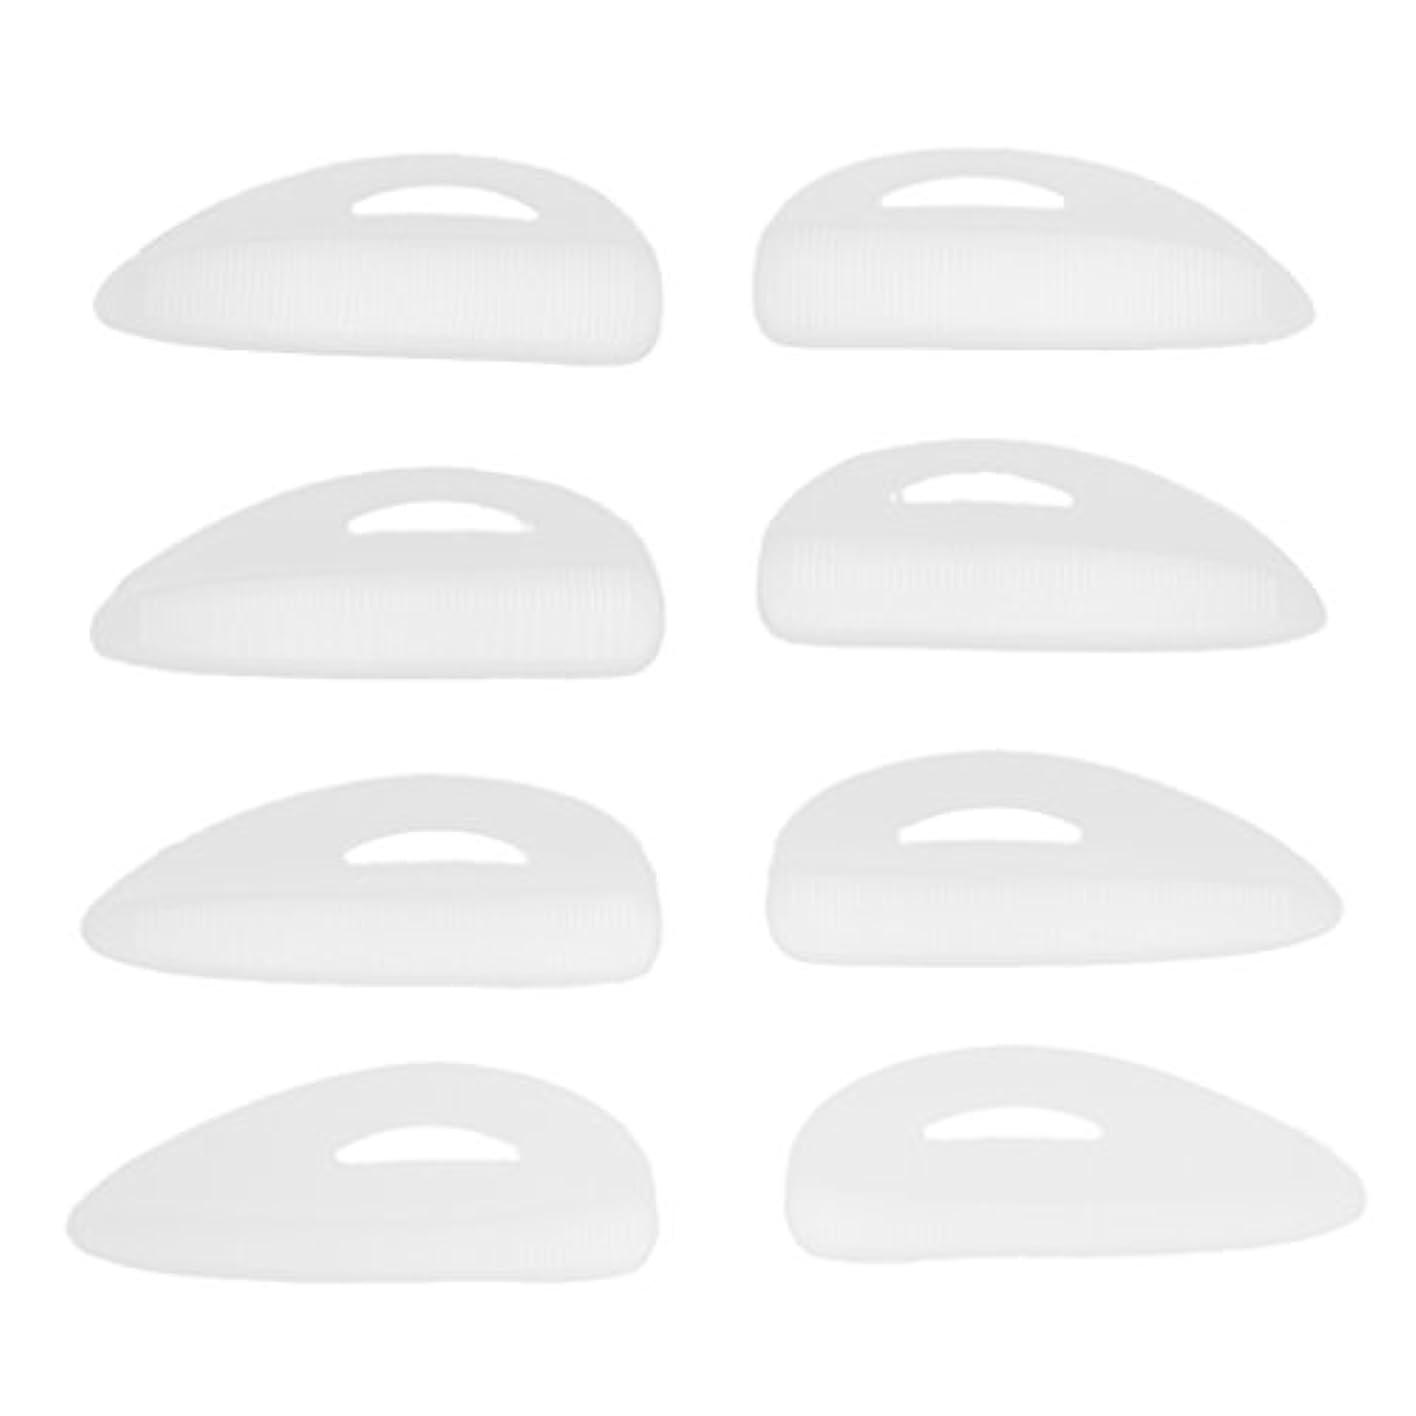 カッター行商人細胞4ペア つけまつげパッド アイラッシュ まつげ カーラーパッド シールド 再利用可 シリコン